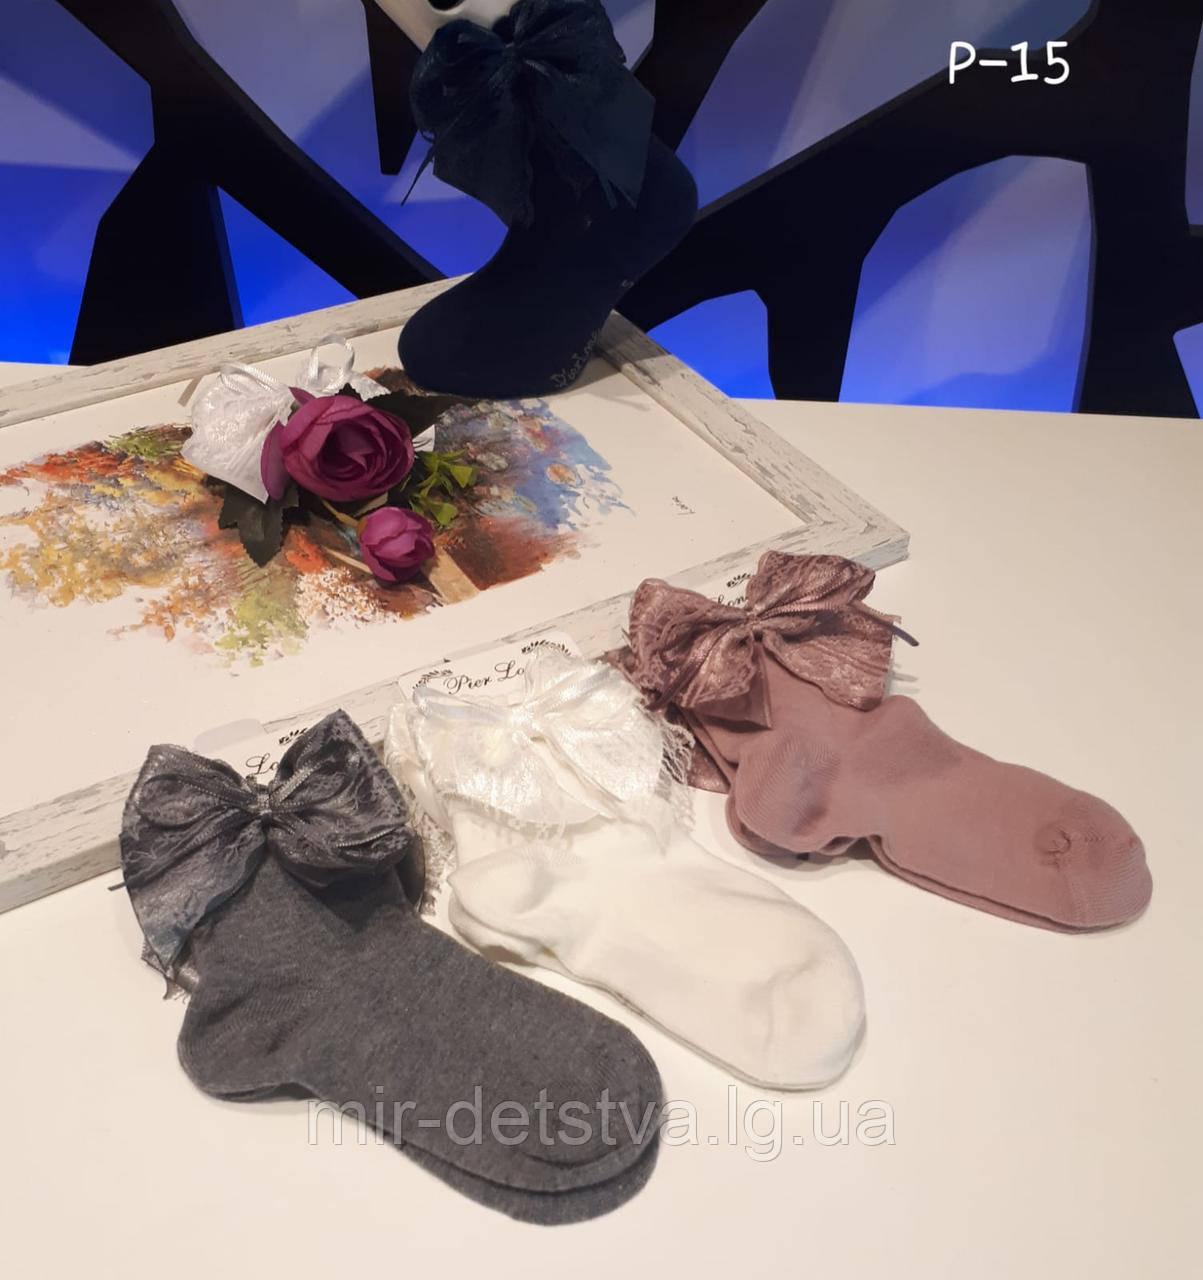 Нарядные носочки с бантиком для девочек оптом ТМ Pier Lone р.9-10 лет